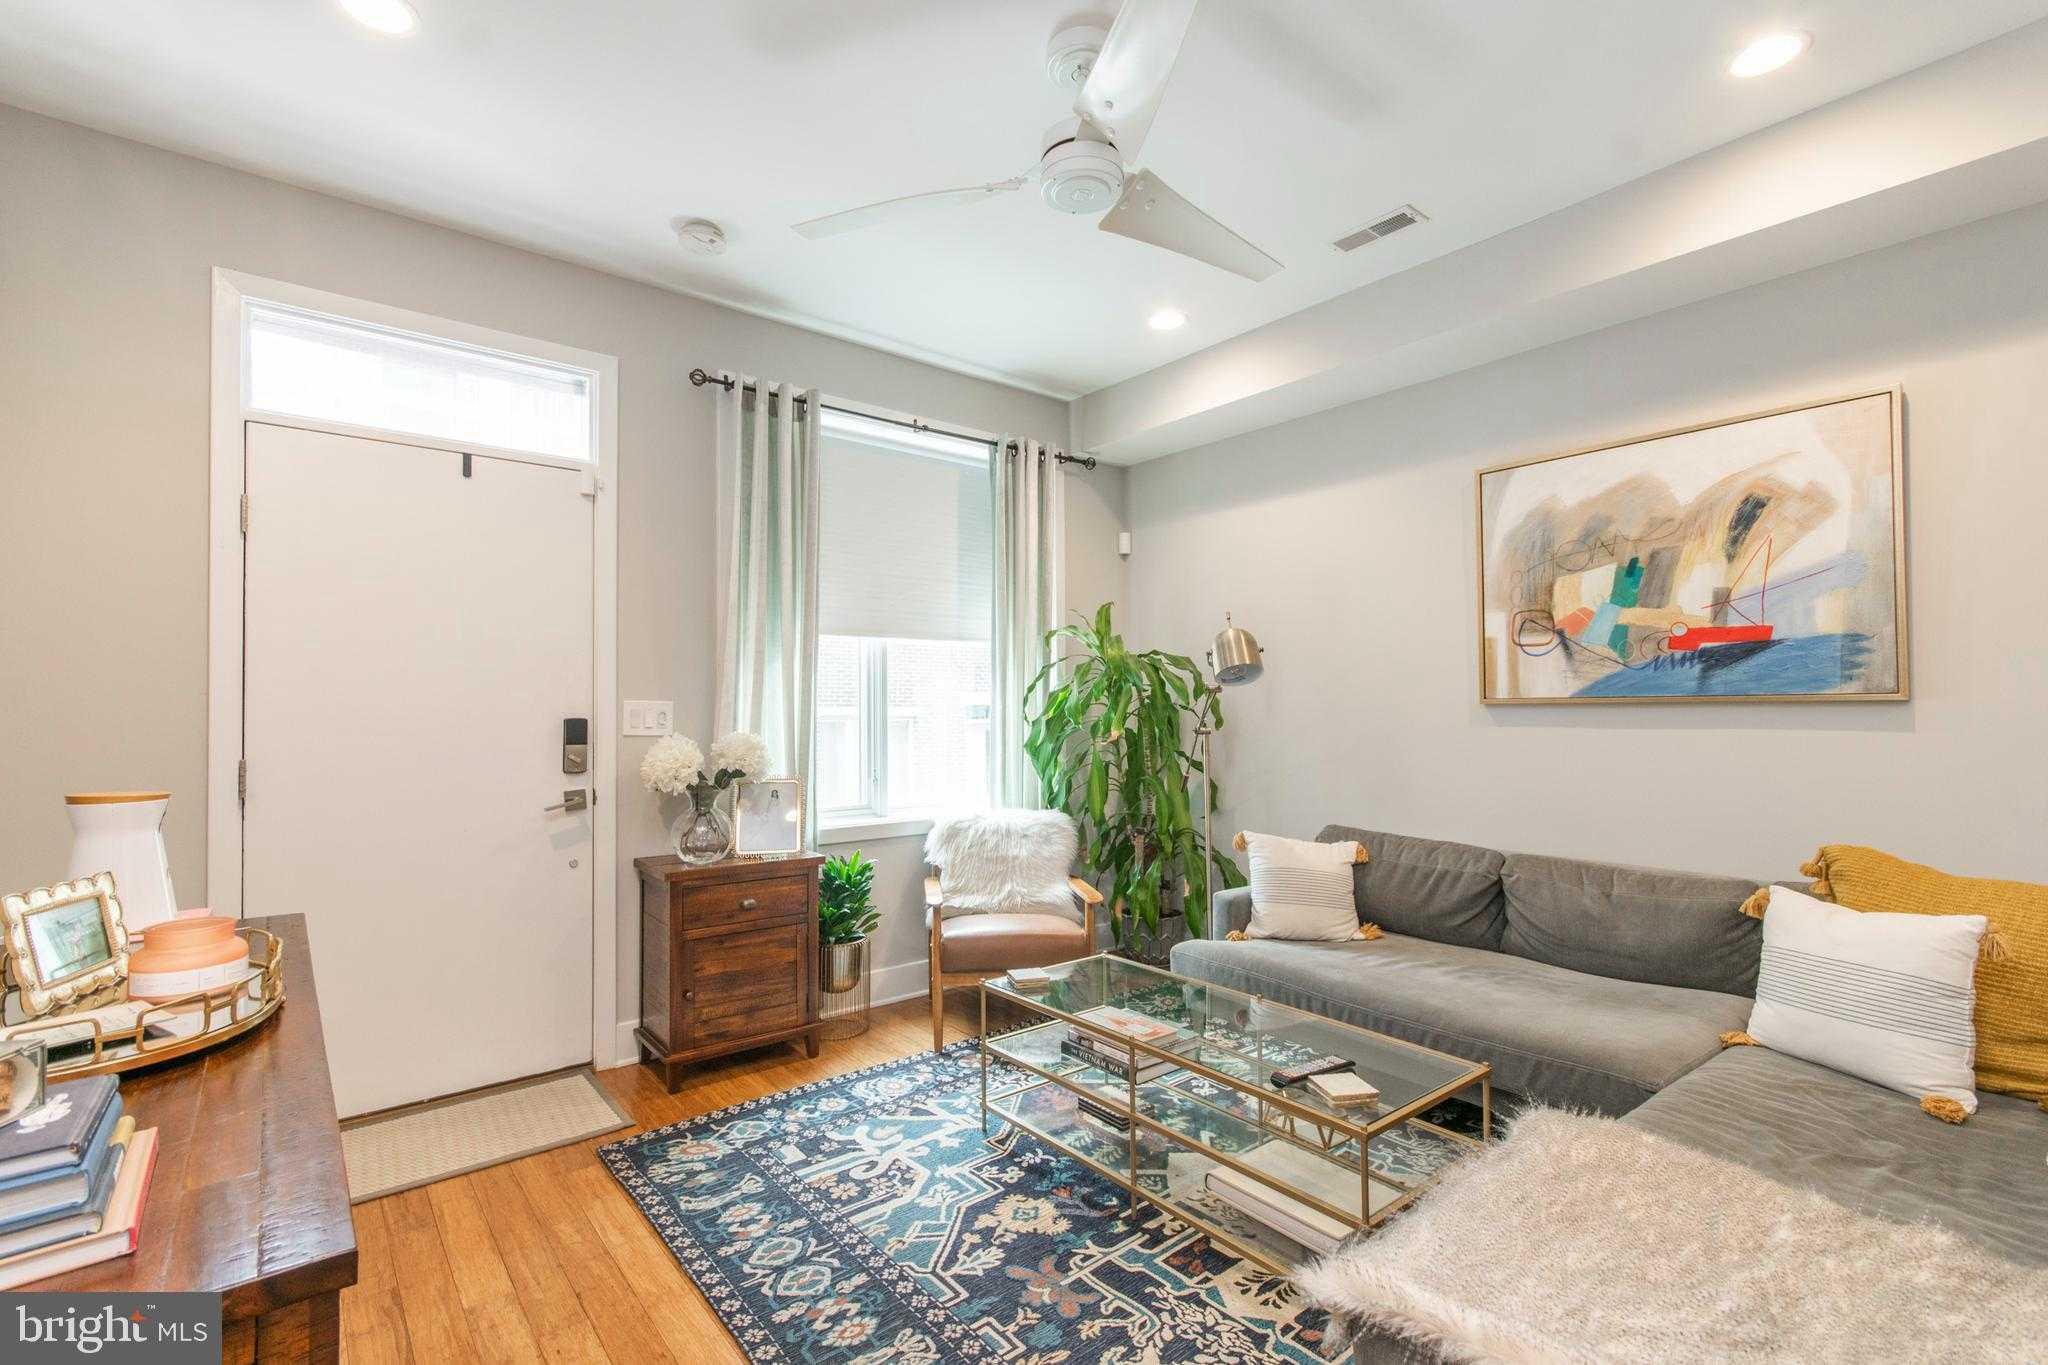 $489,000 - 4Br/3Ba -  for Sale in Point Breeze, Philadelphia